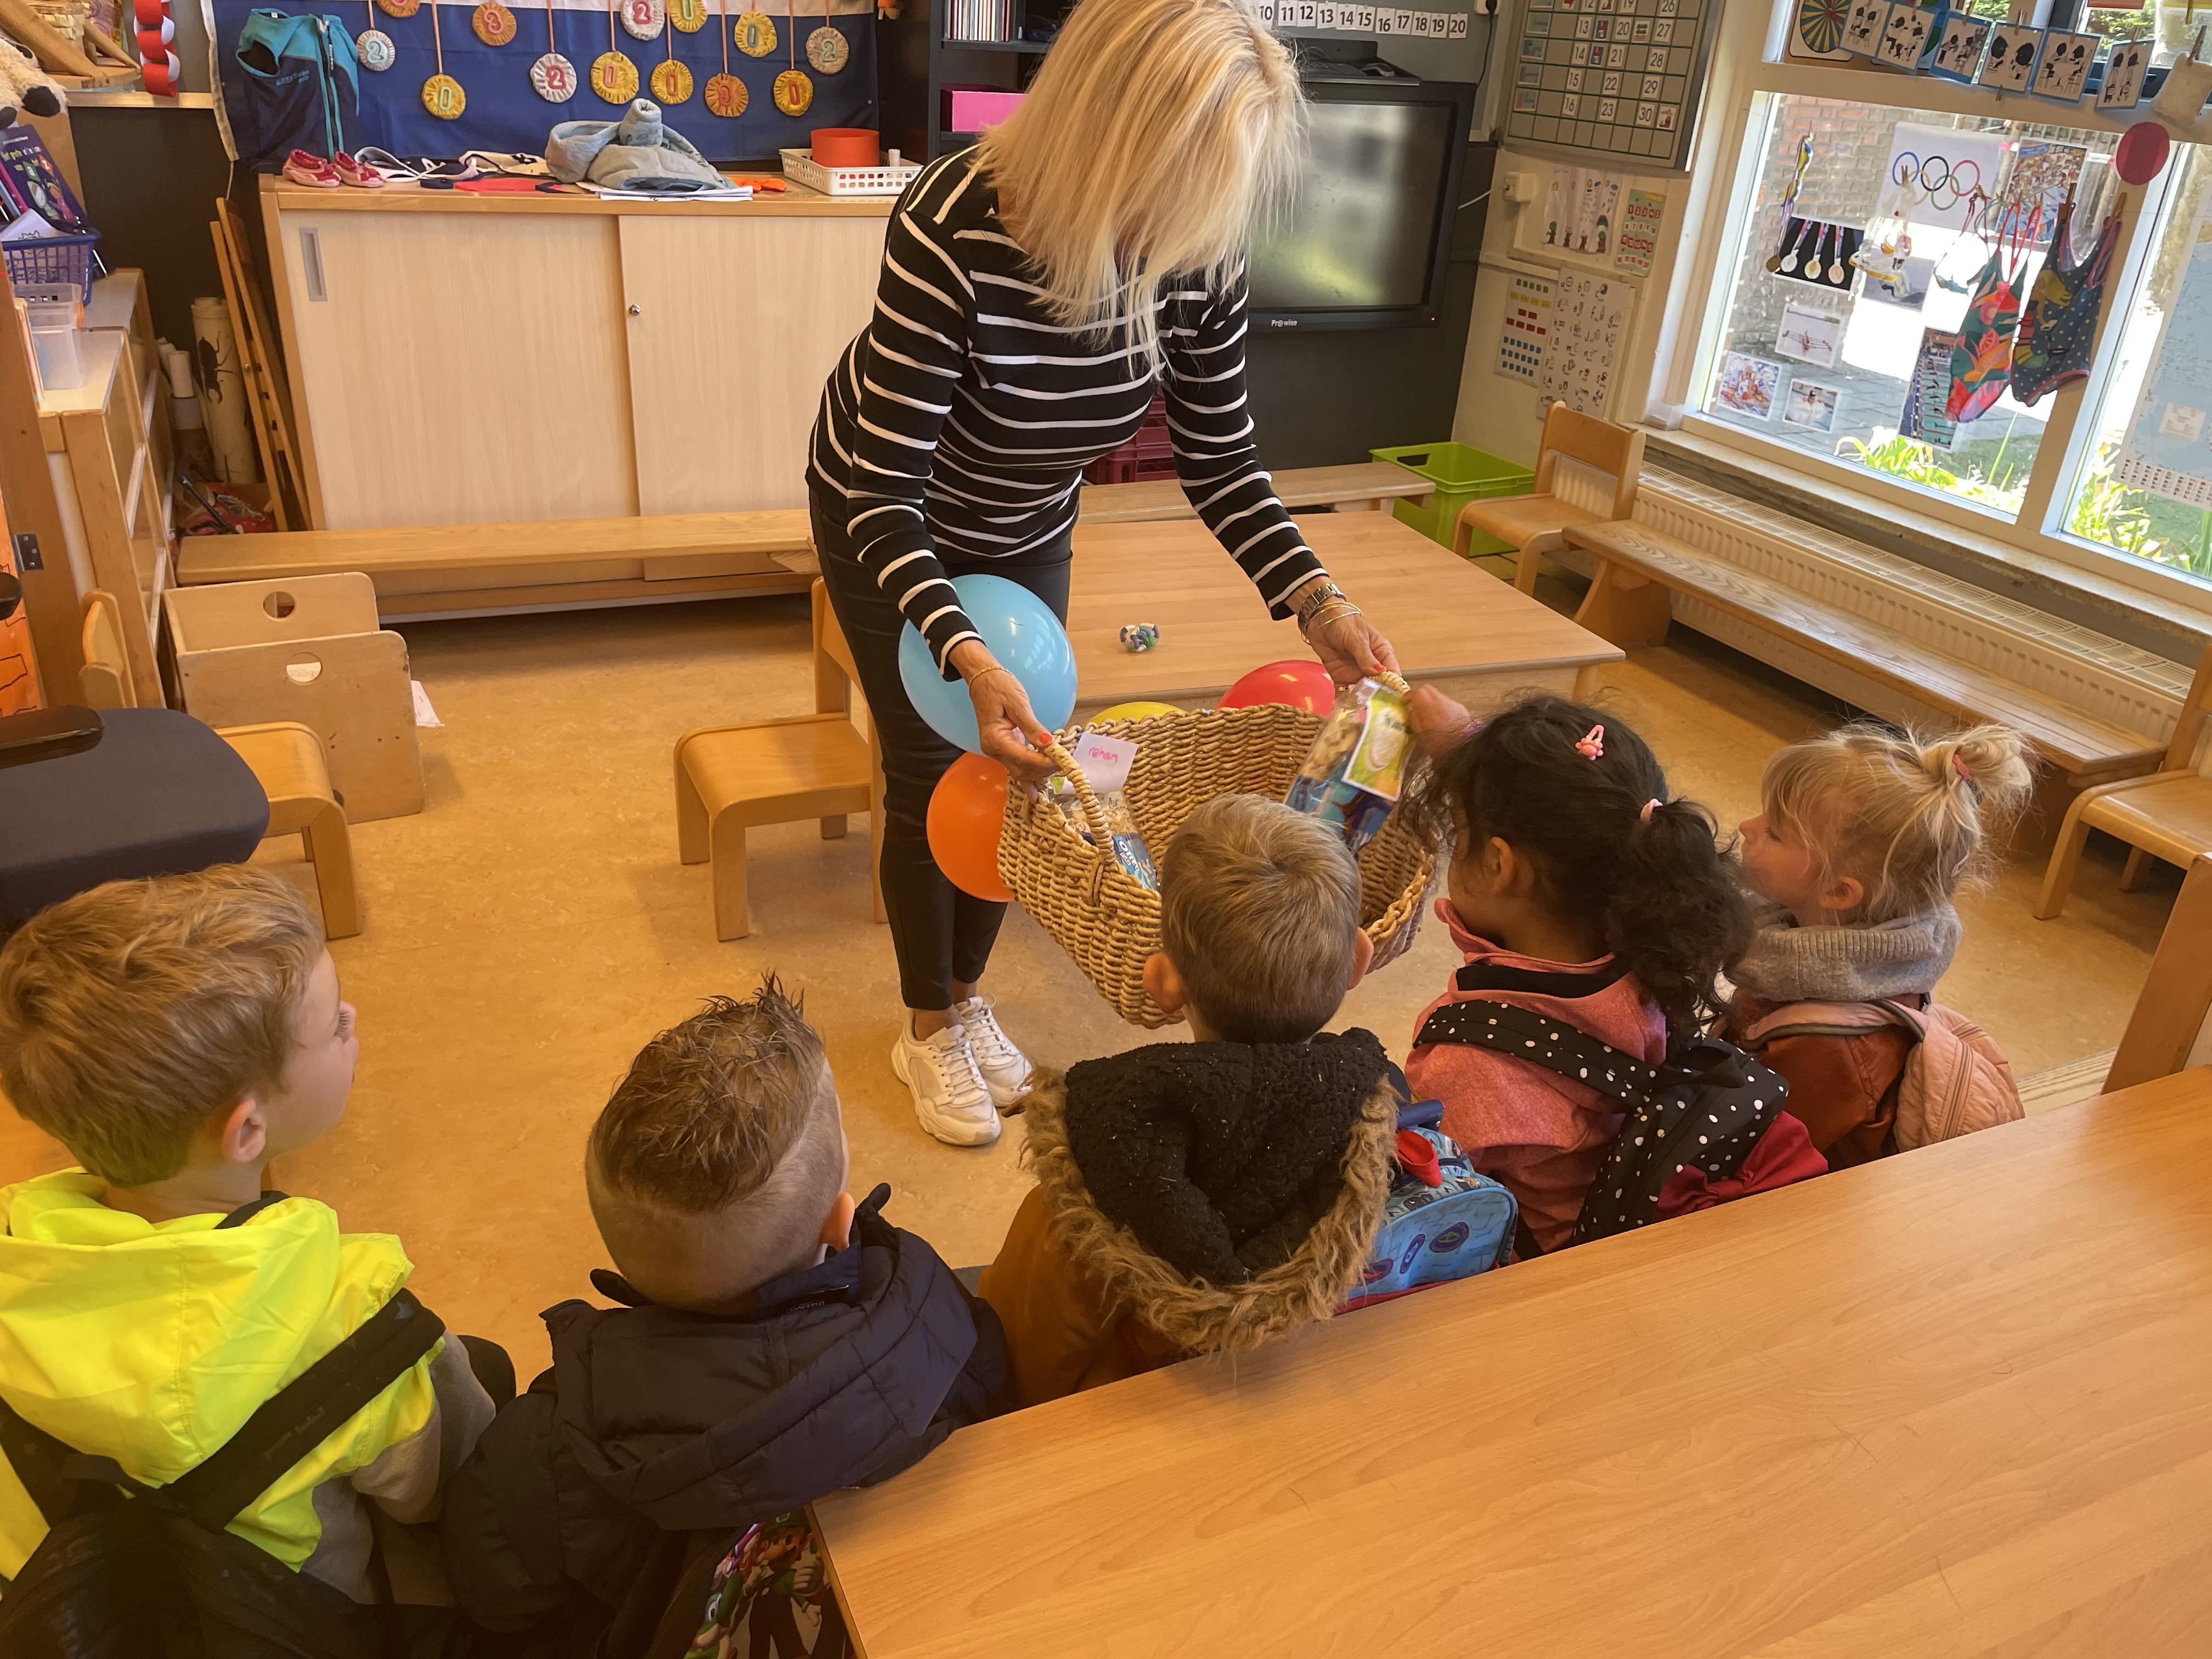 Basisschool Morskring deelt Suikerfeest traktatie uit: 'Heel blij met deze prachtige verbindende actie'